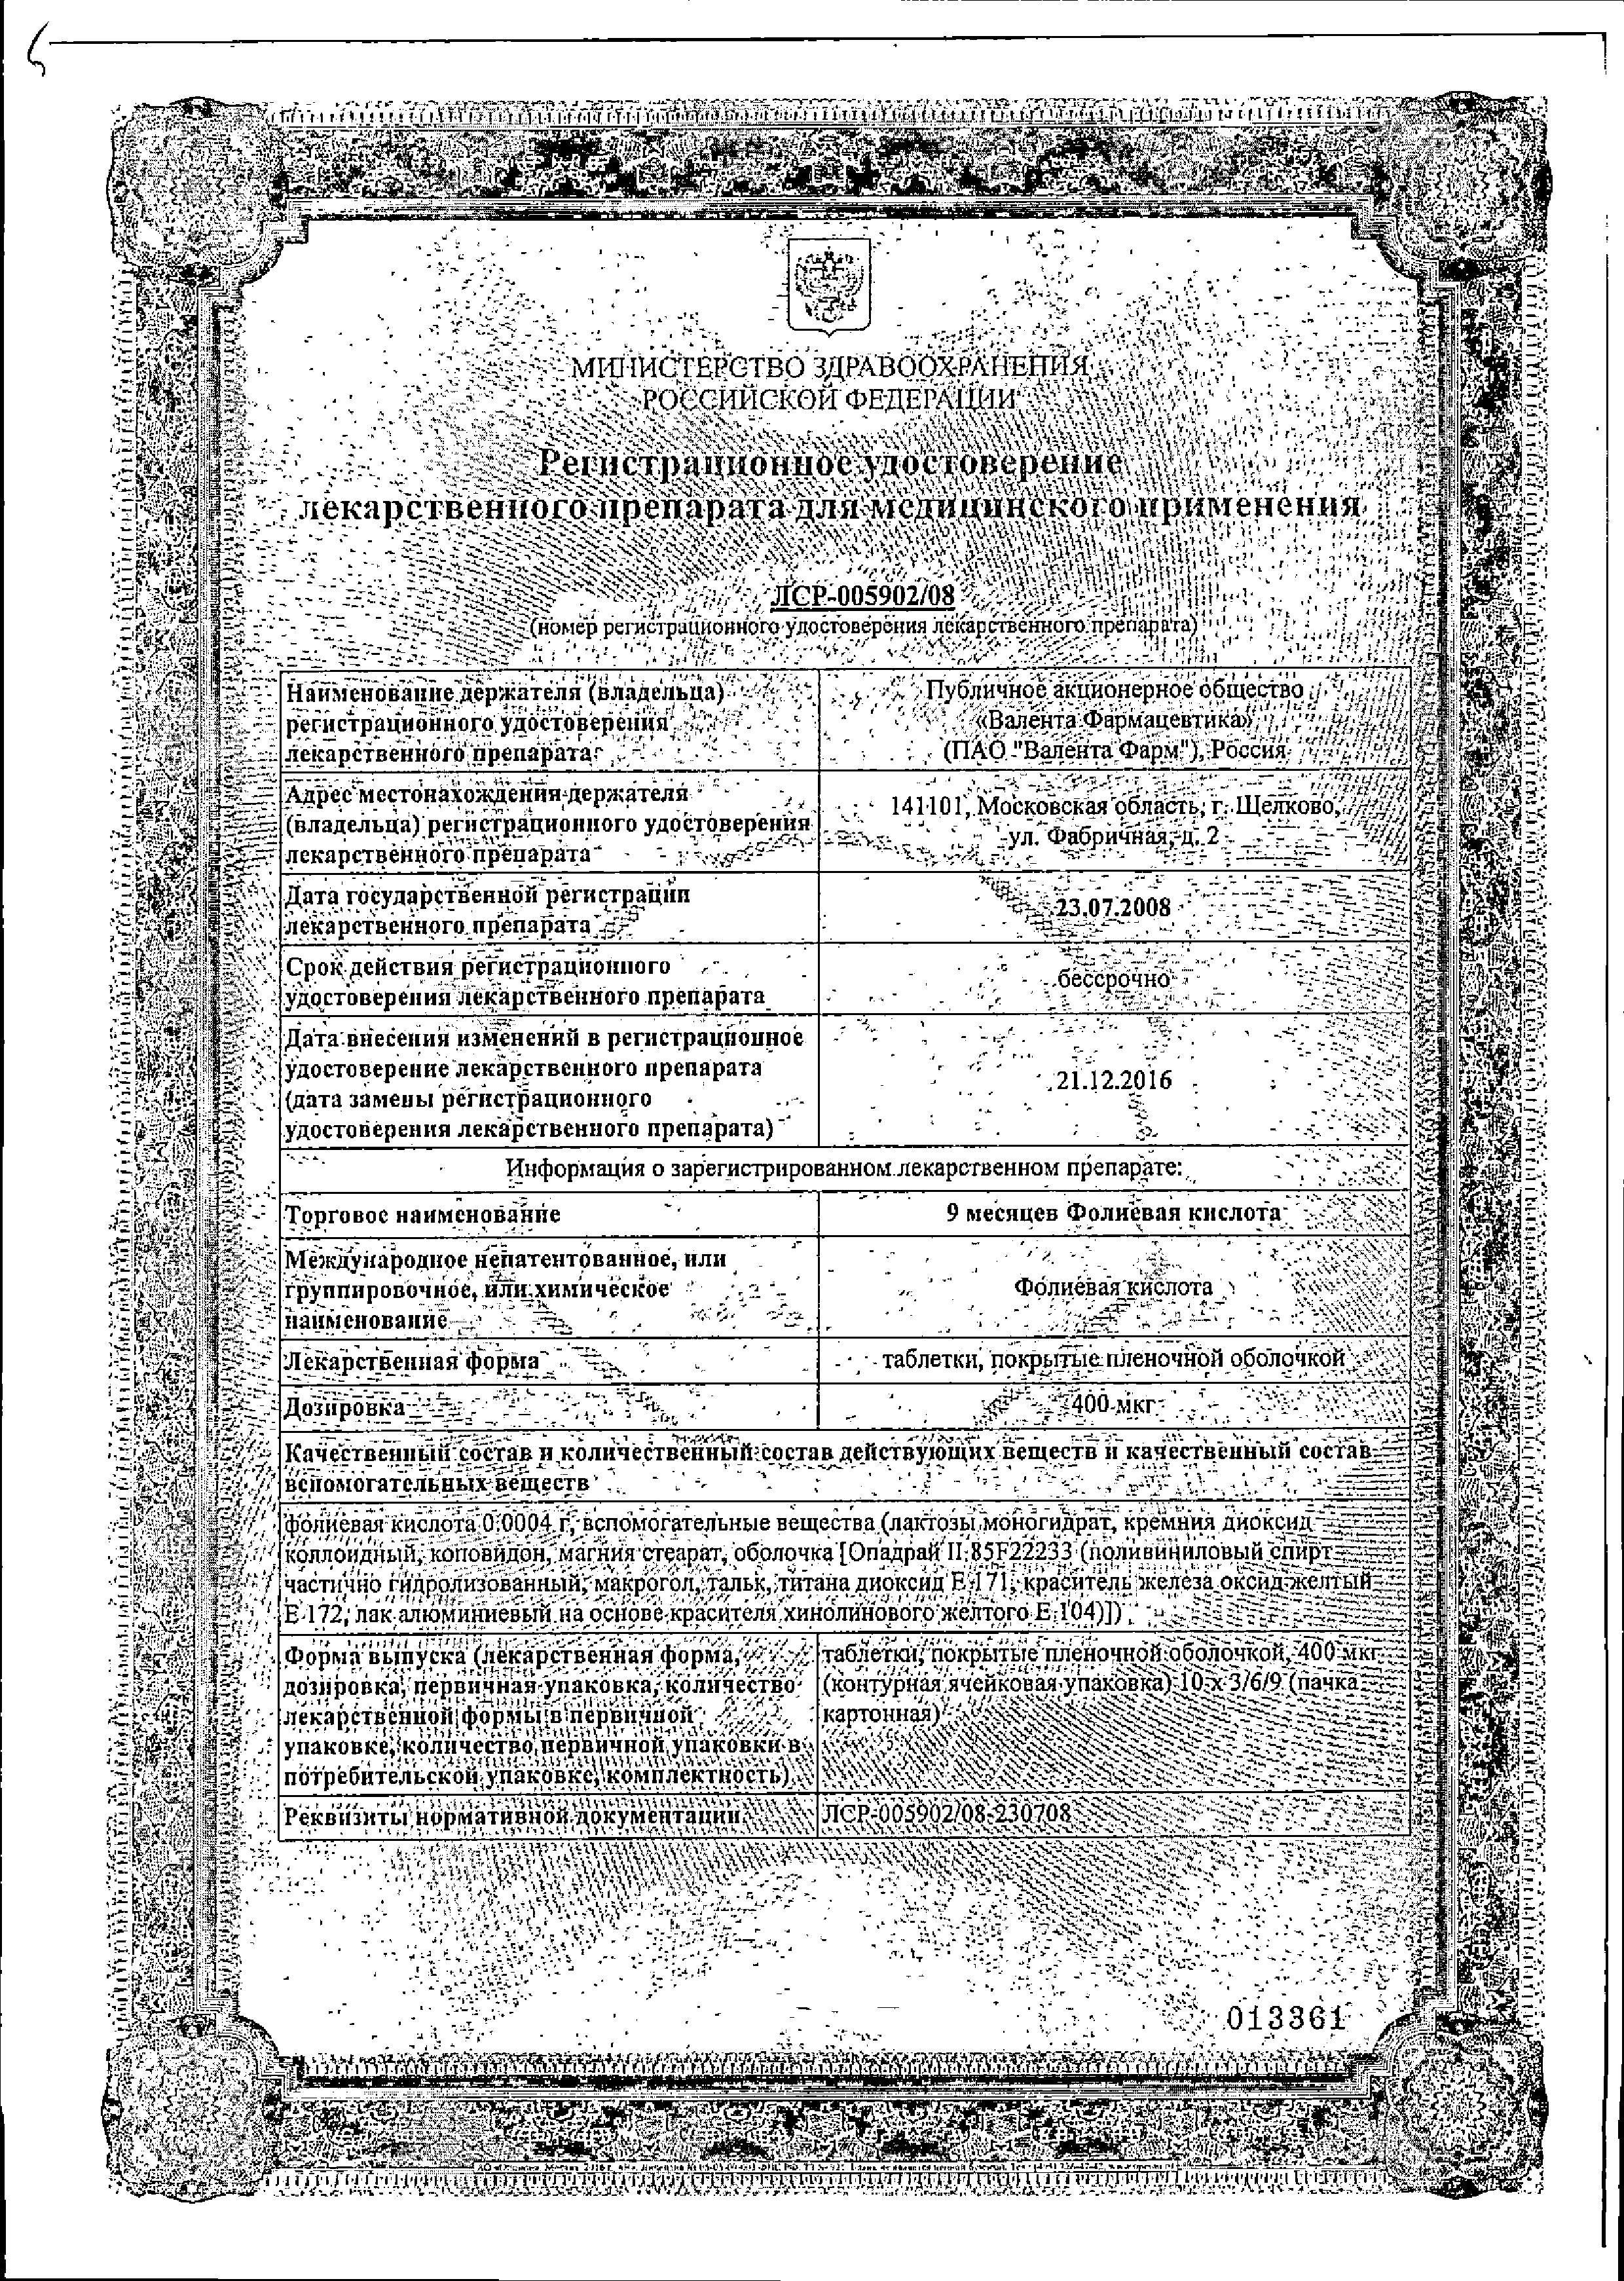 9 месяцев Фолиевая кислота сертификат